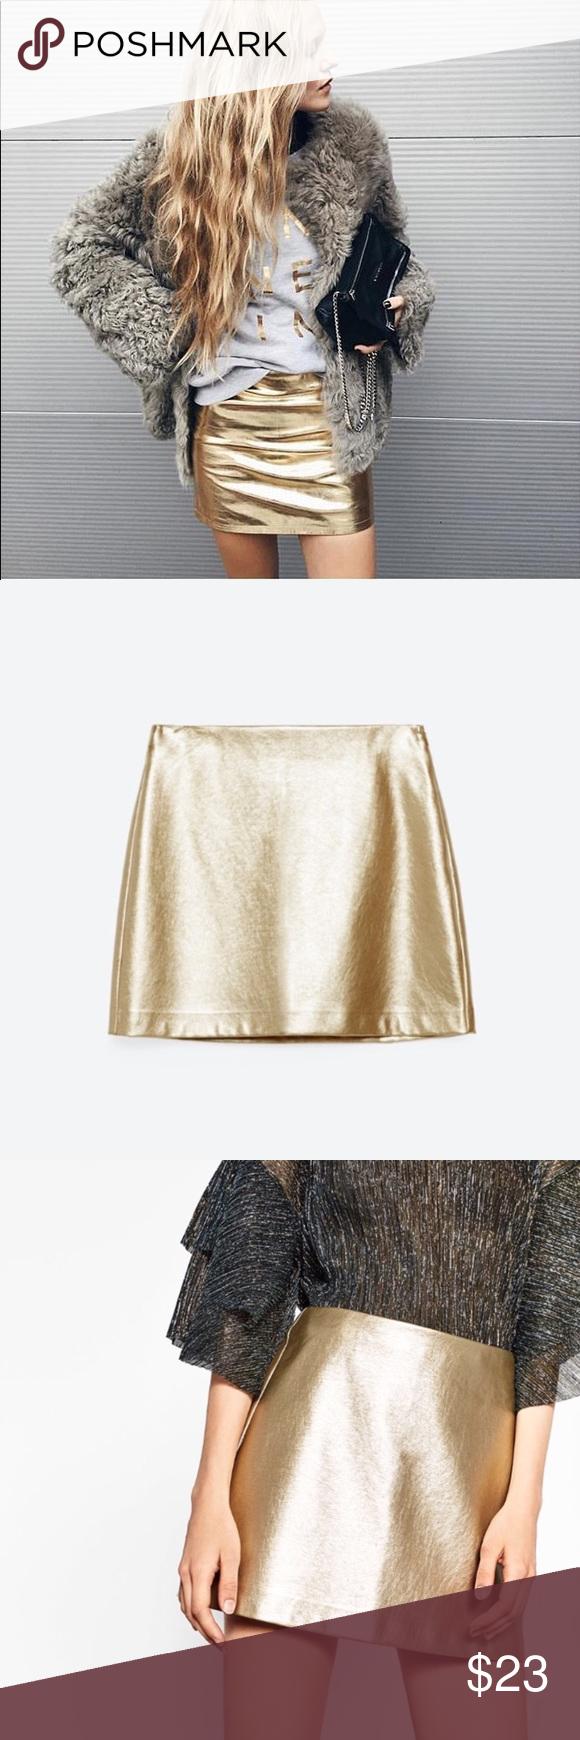 7261e6c19363 Zara Metallic Gold Mini Skirt Faux Leather Golden : Gold Skirt with Silver  Zipper. High